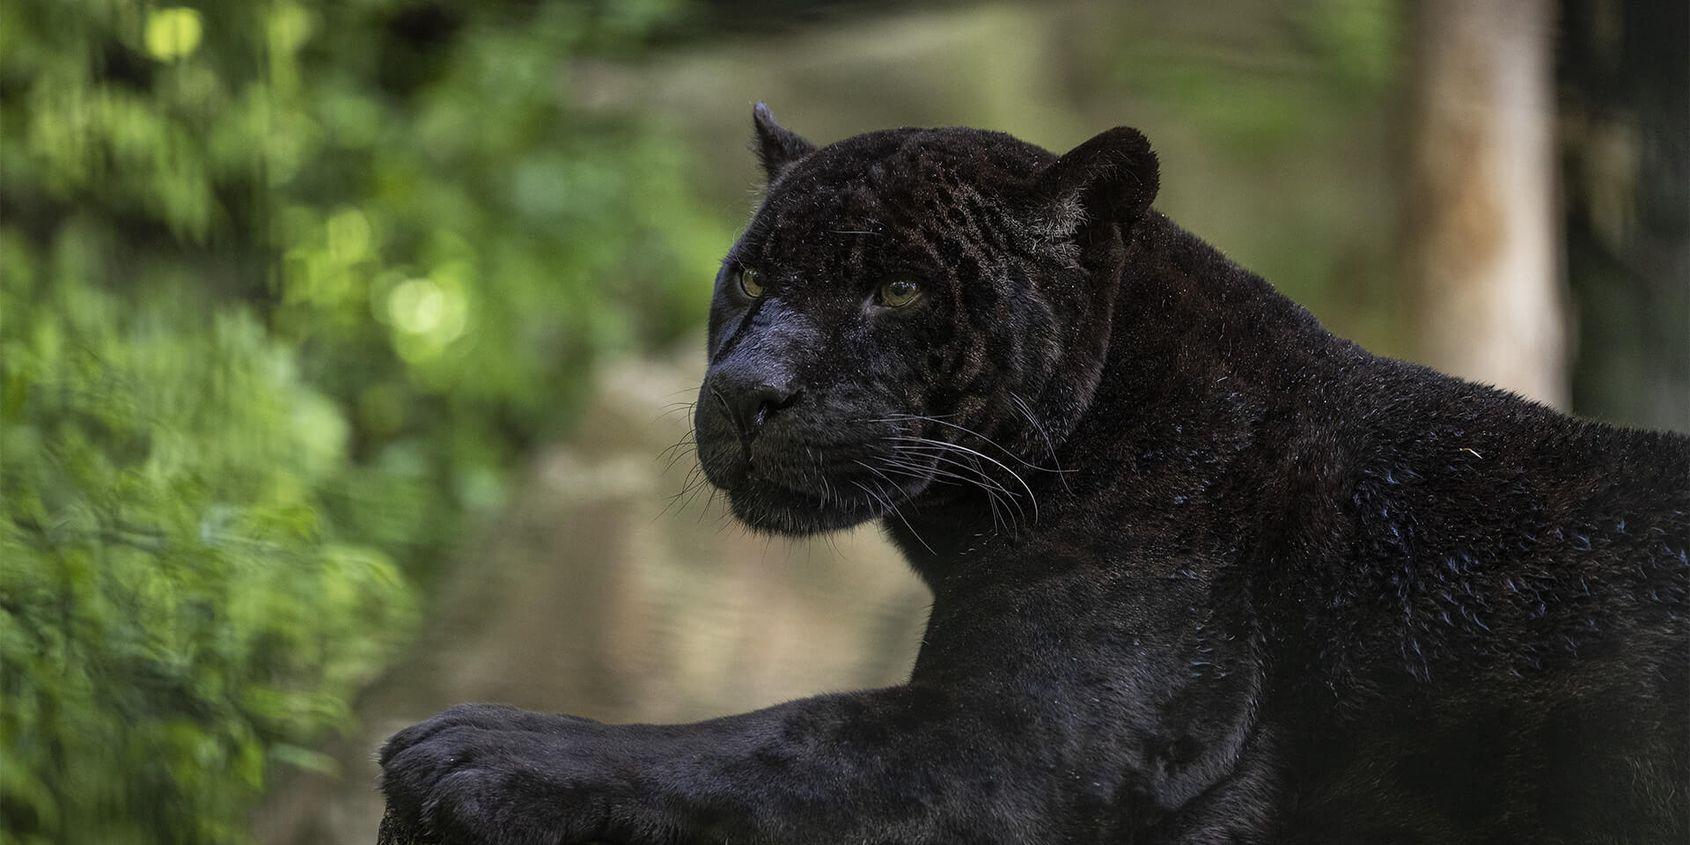 Jaguar noir - Les animaux du Bois des Fauves - ZooParc de Beauval